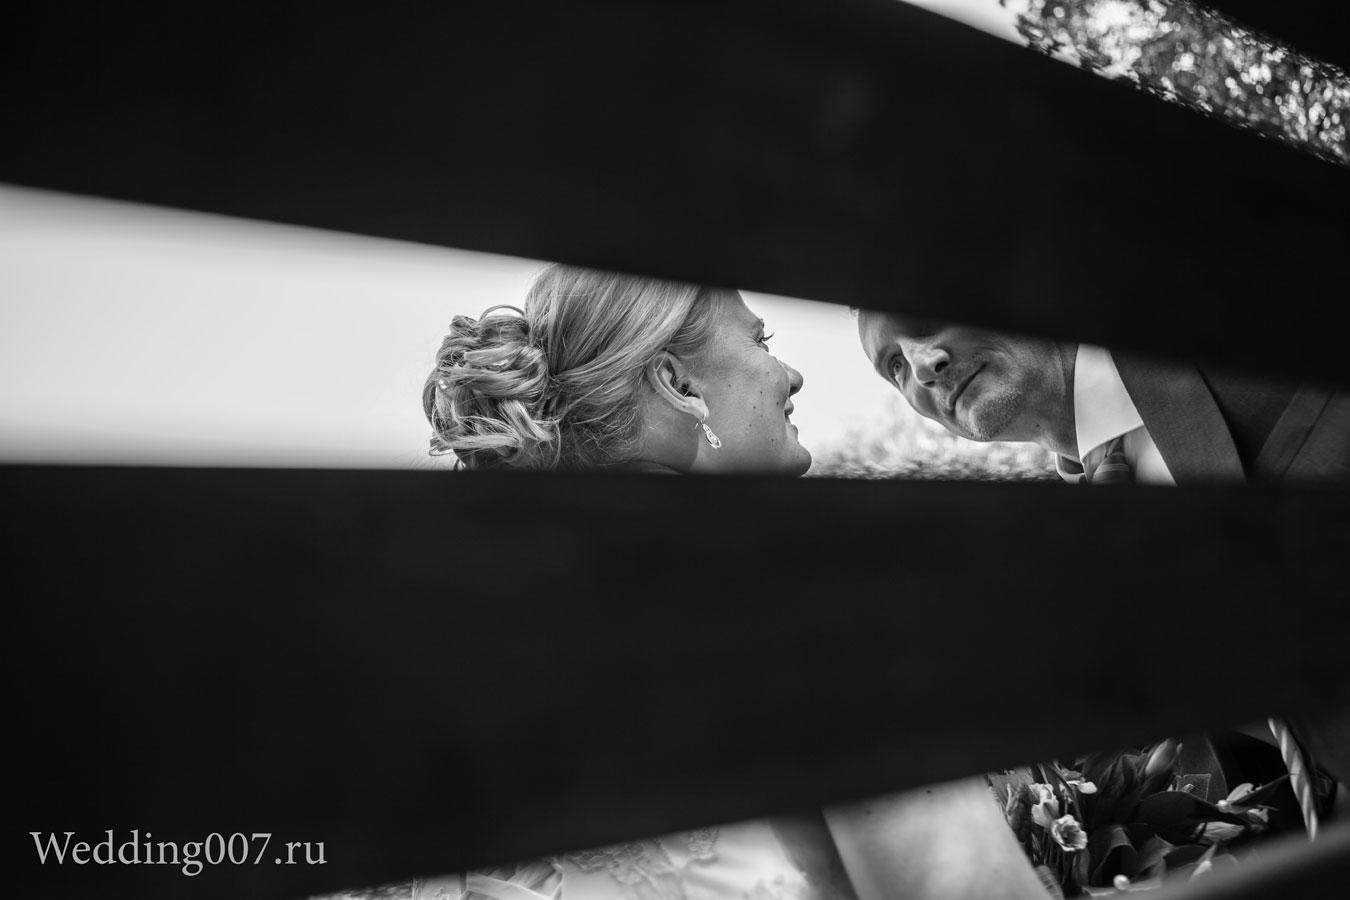 Недорогая видеоосьемка свадьбы